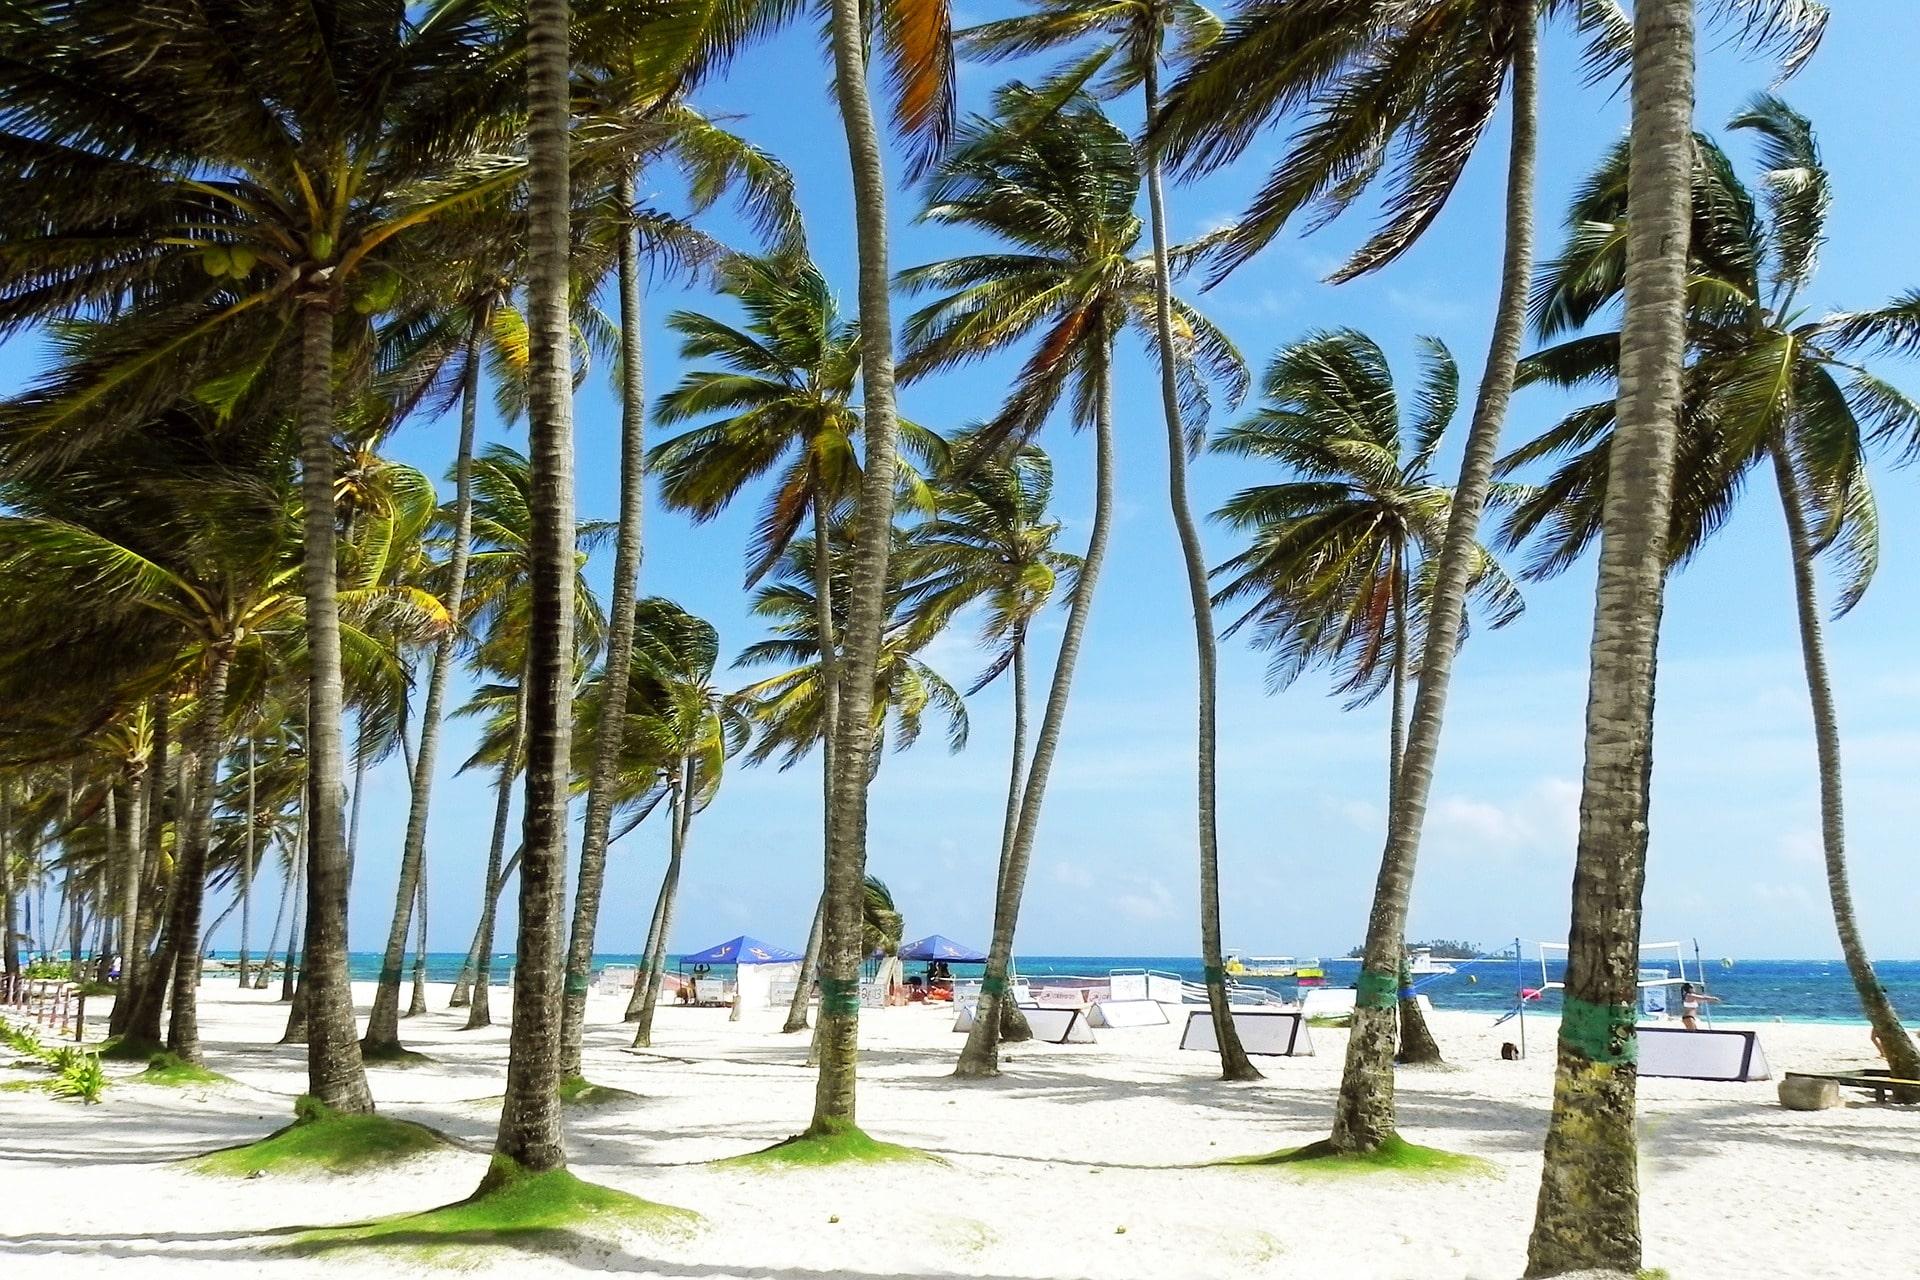 Plaża na Karaibach